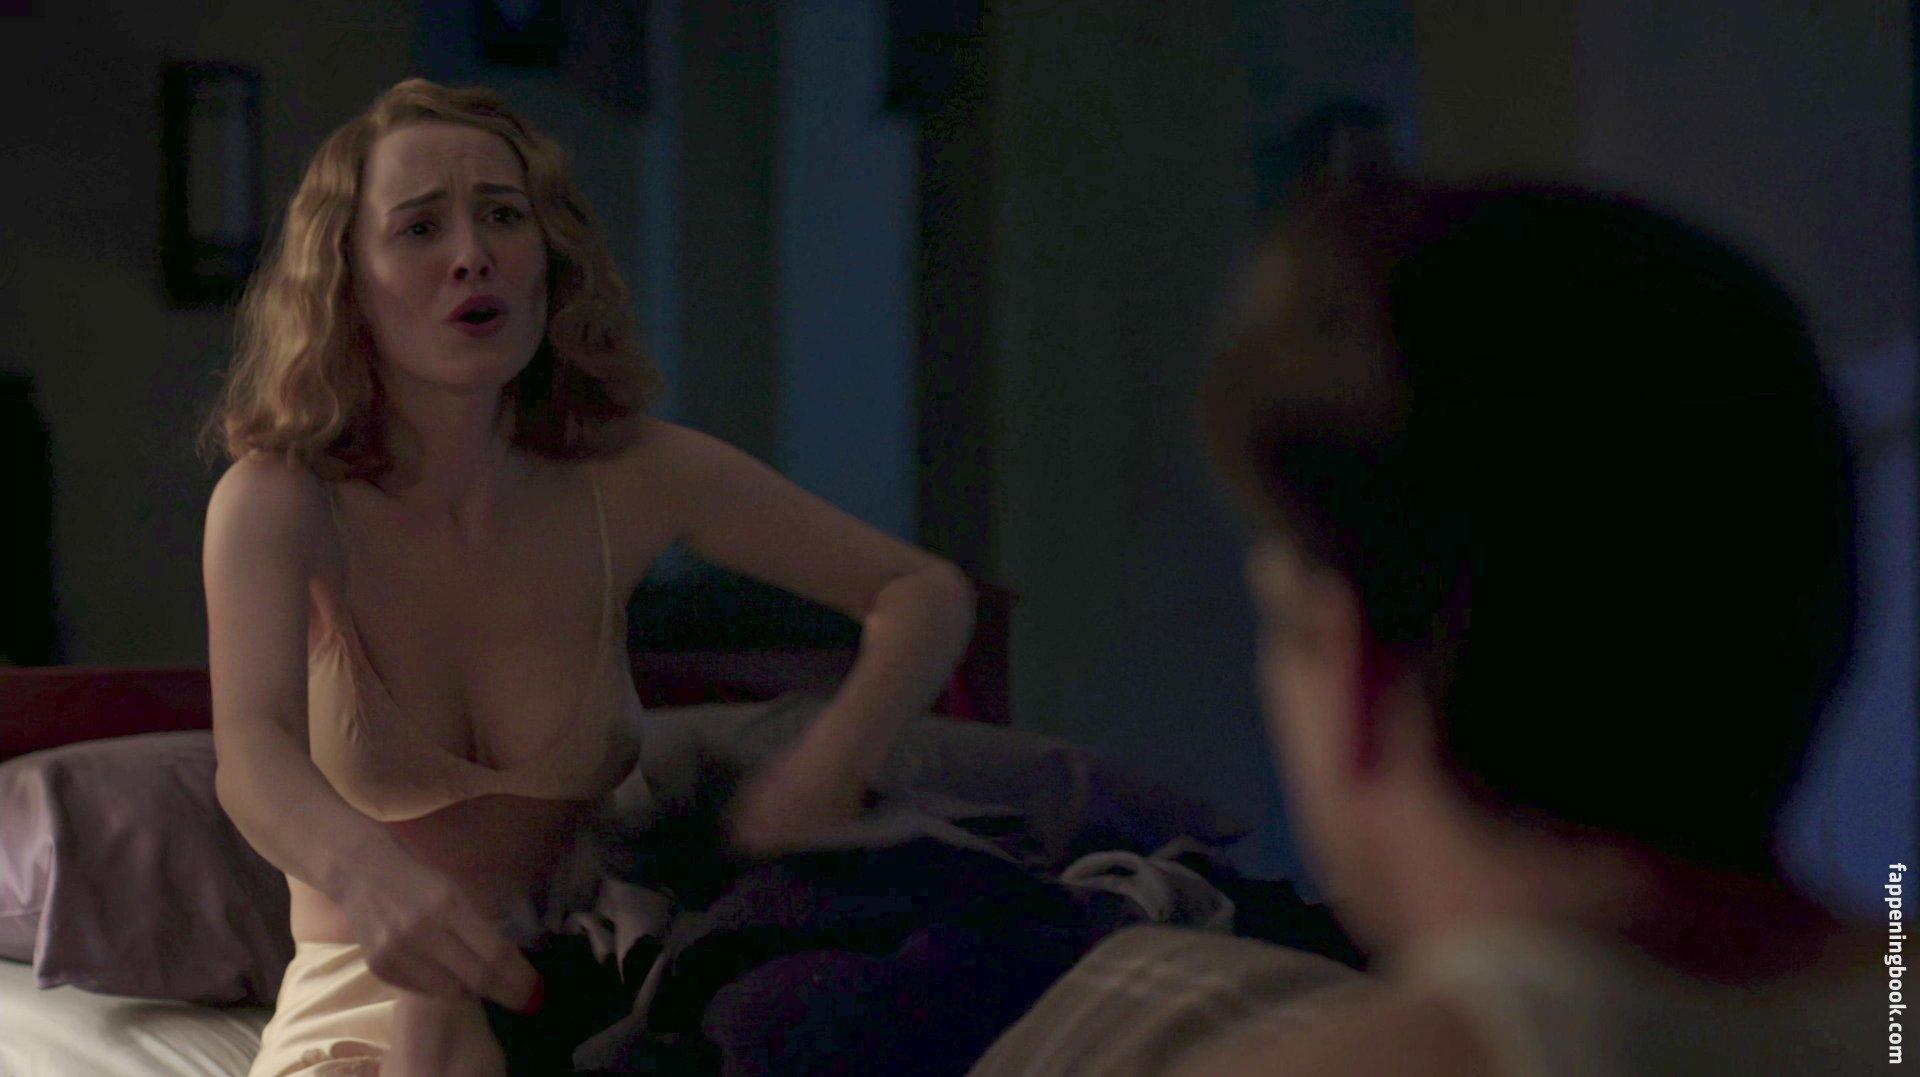 Dominique Mcelligot Nude